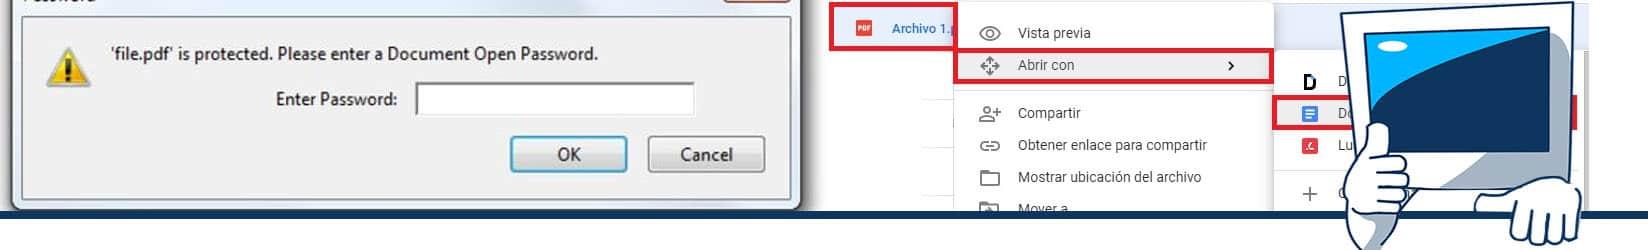 como imprimir un pdf protegido